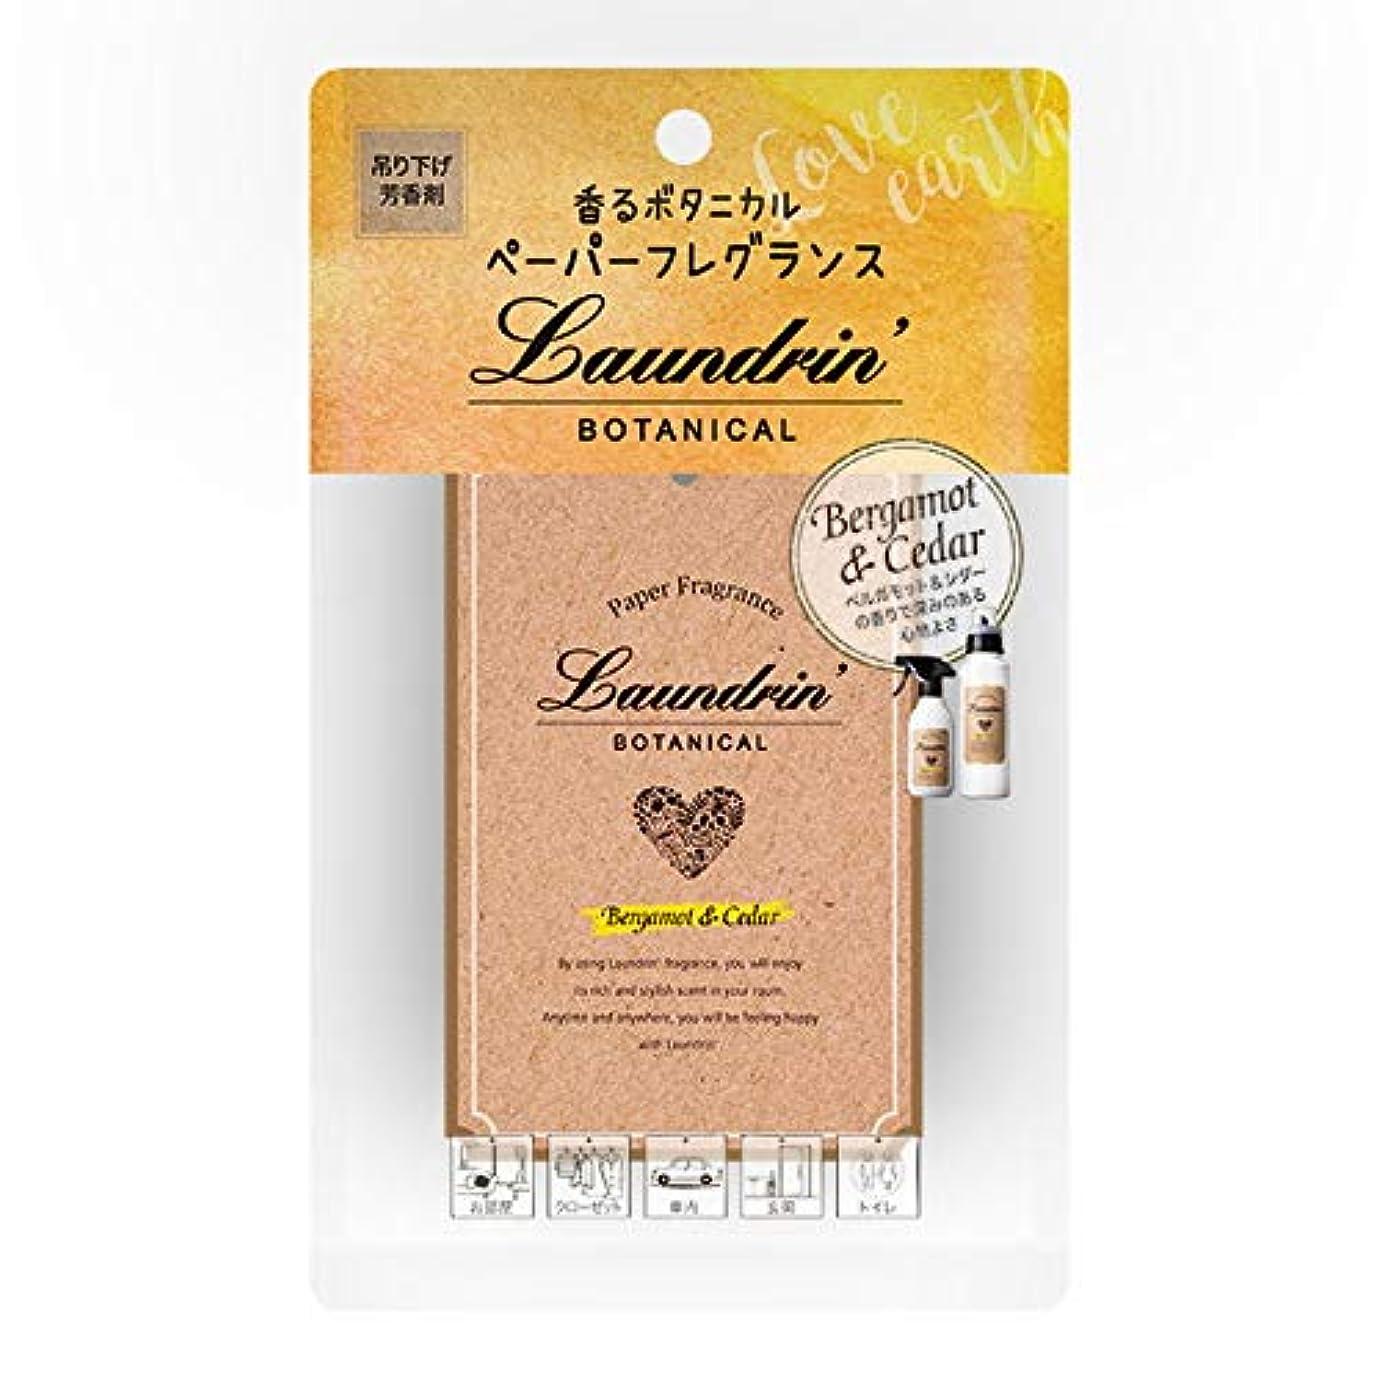 むさぼり食う食事一般的なランドリン ボタニカル ペーパーフレグランス ベルガモット&シダー (1枚) 芳香剤